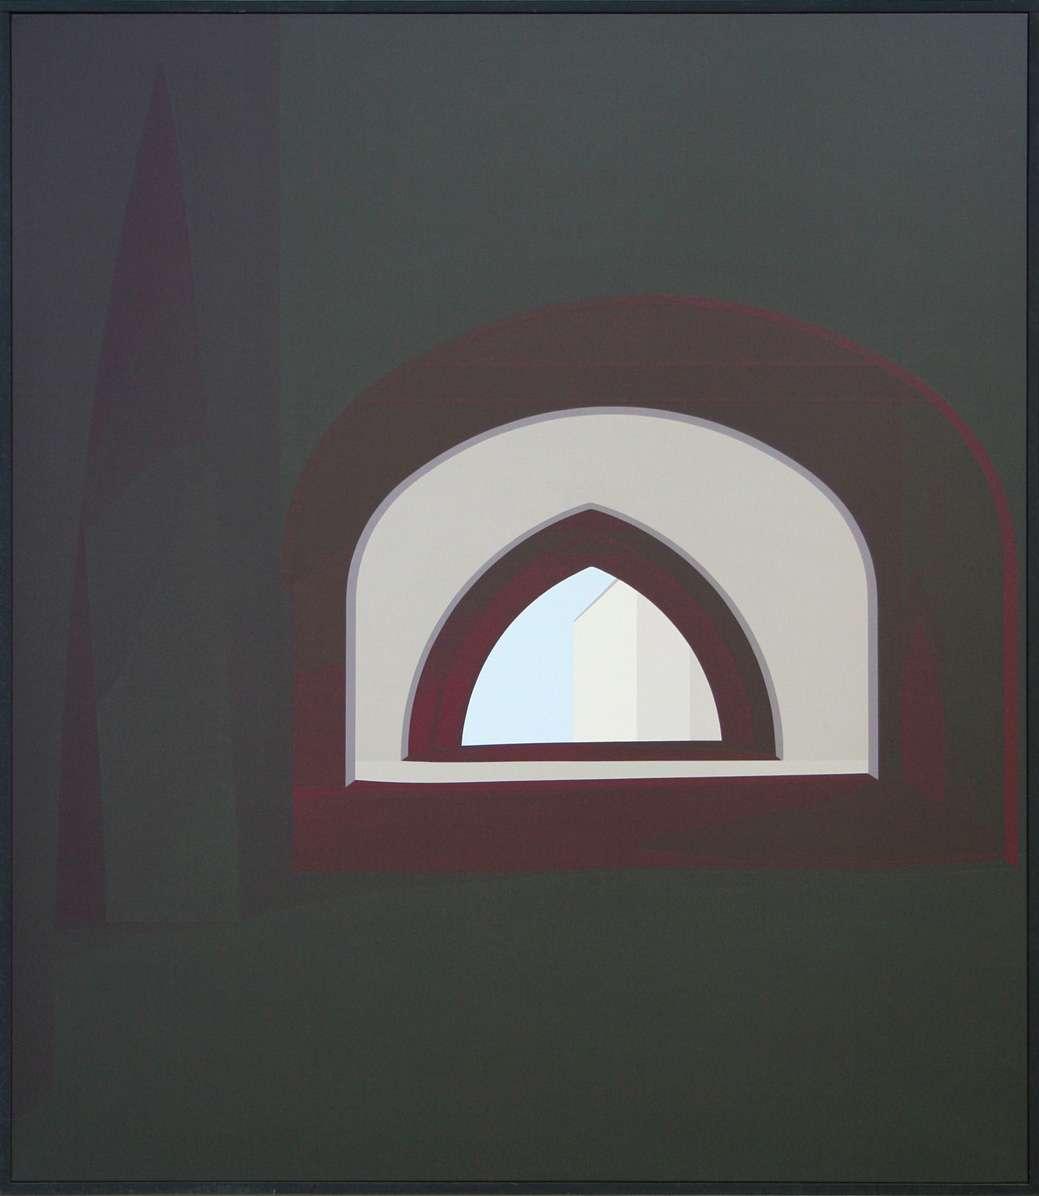 Christian Babou, Puymirol, 1988 Acrylique sur toile150 x 130 cm / 59  x 51 1/8 inches